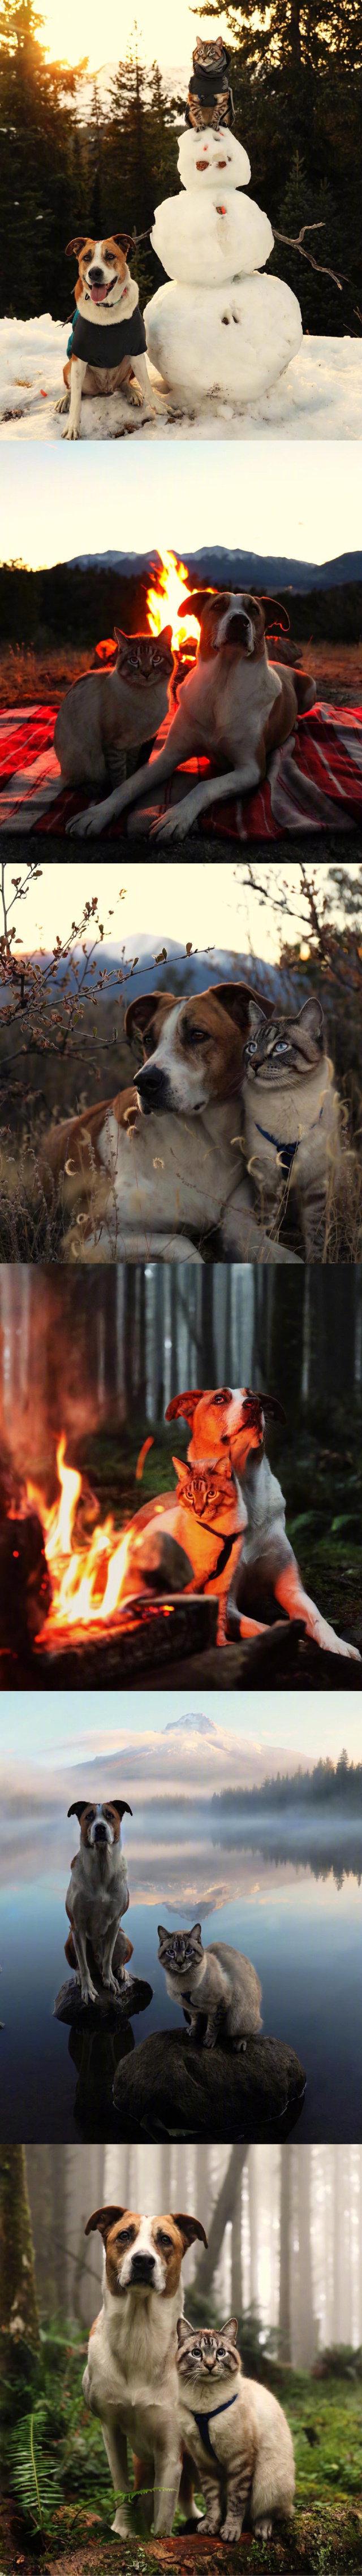 狗狗Henry和猫咪弟弟Baloo寄来的旅行明信片,请签收